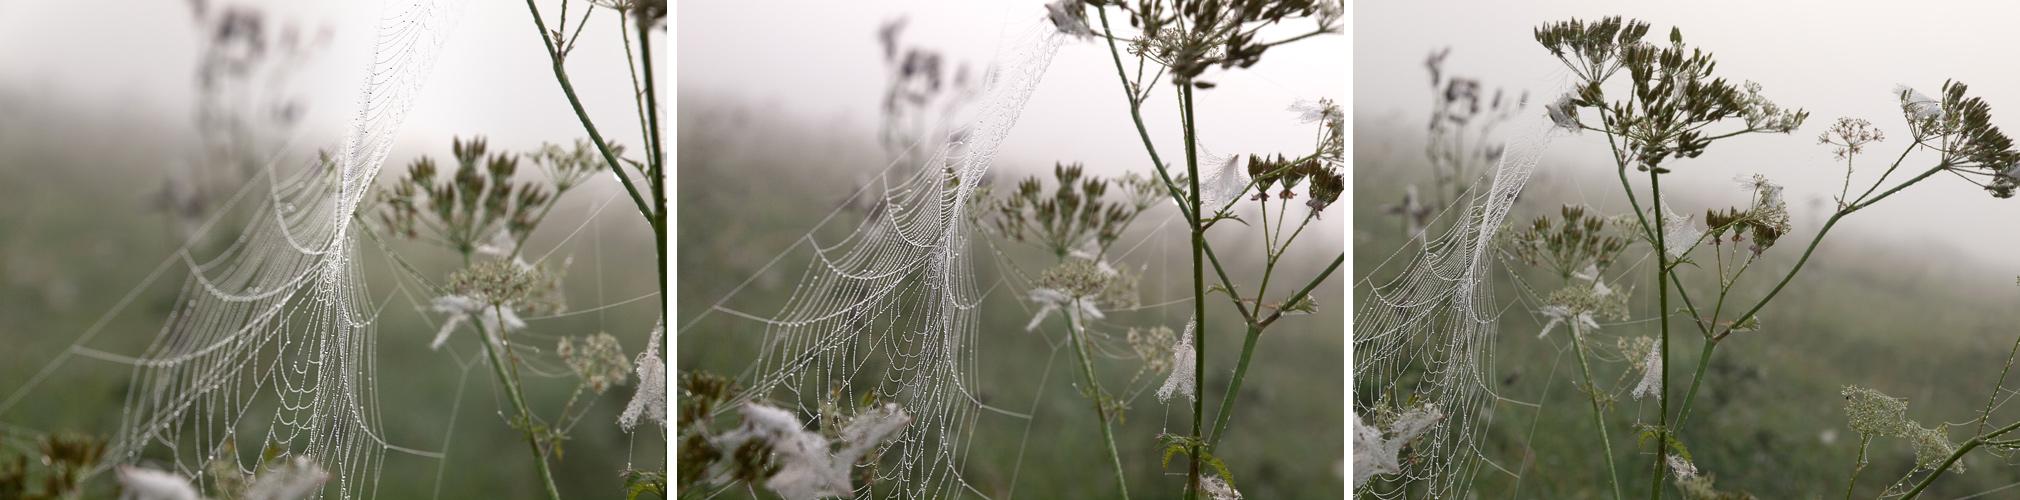 Nebelspinnenvariationen